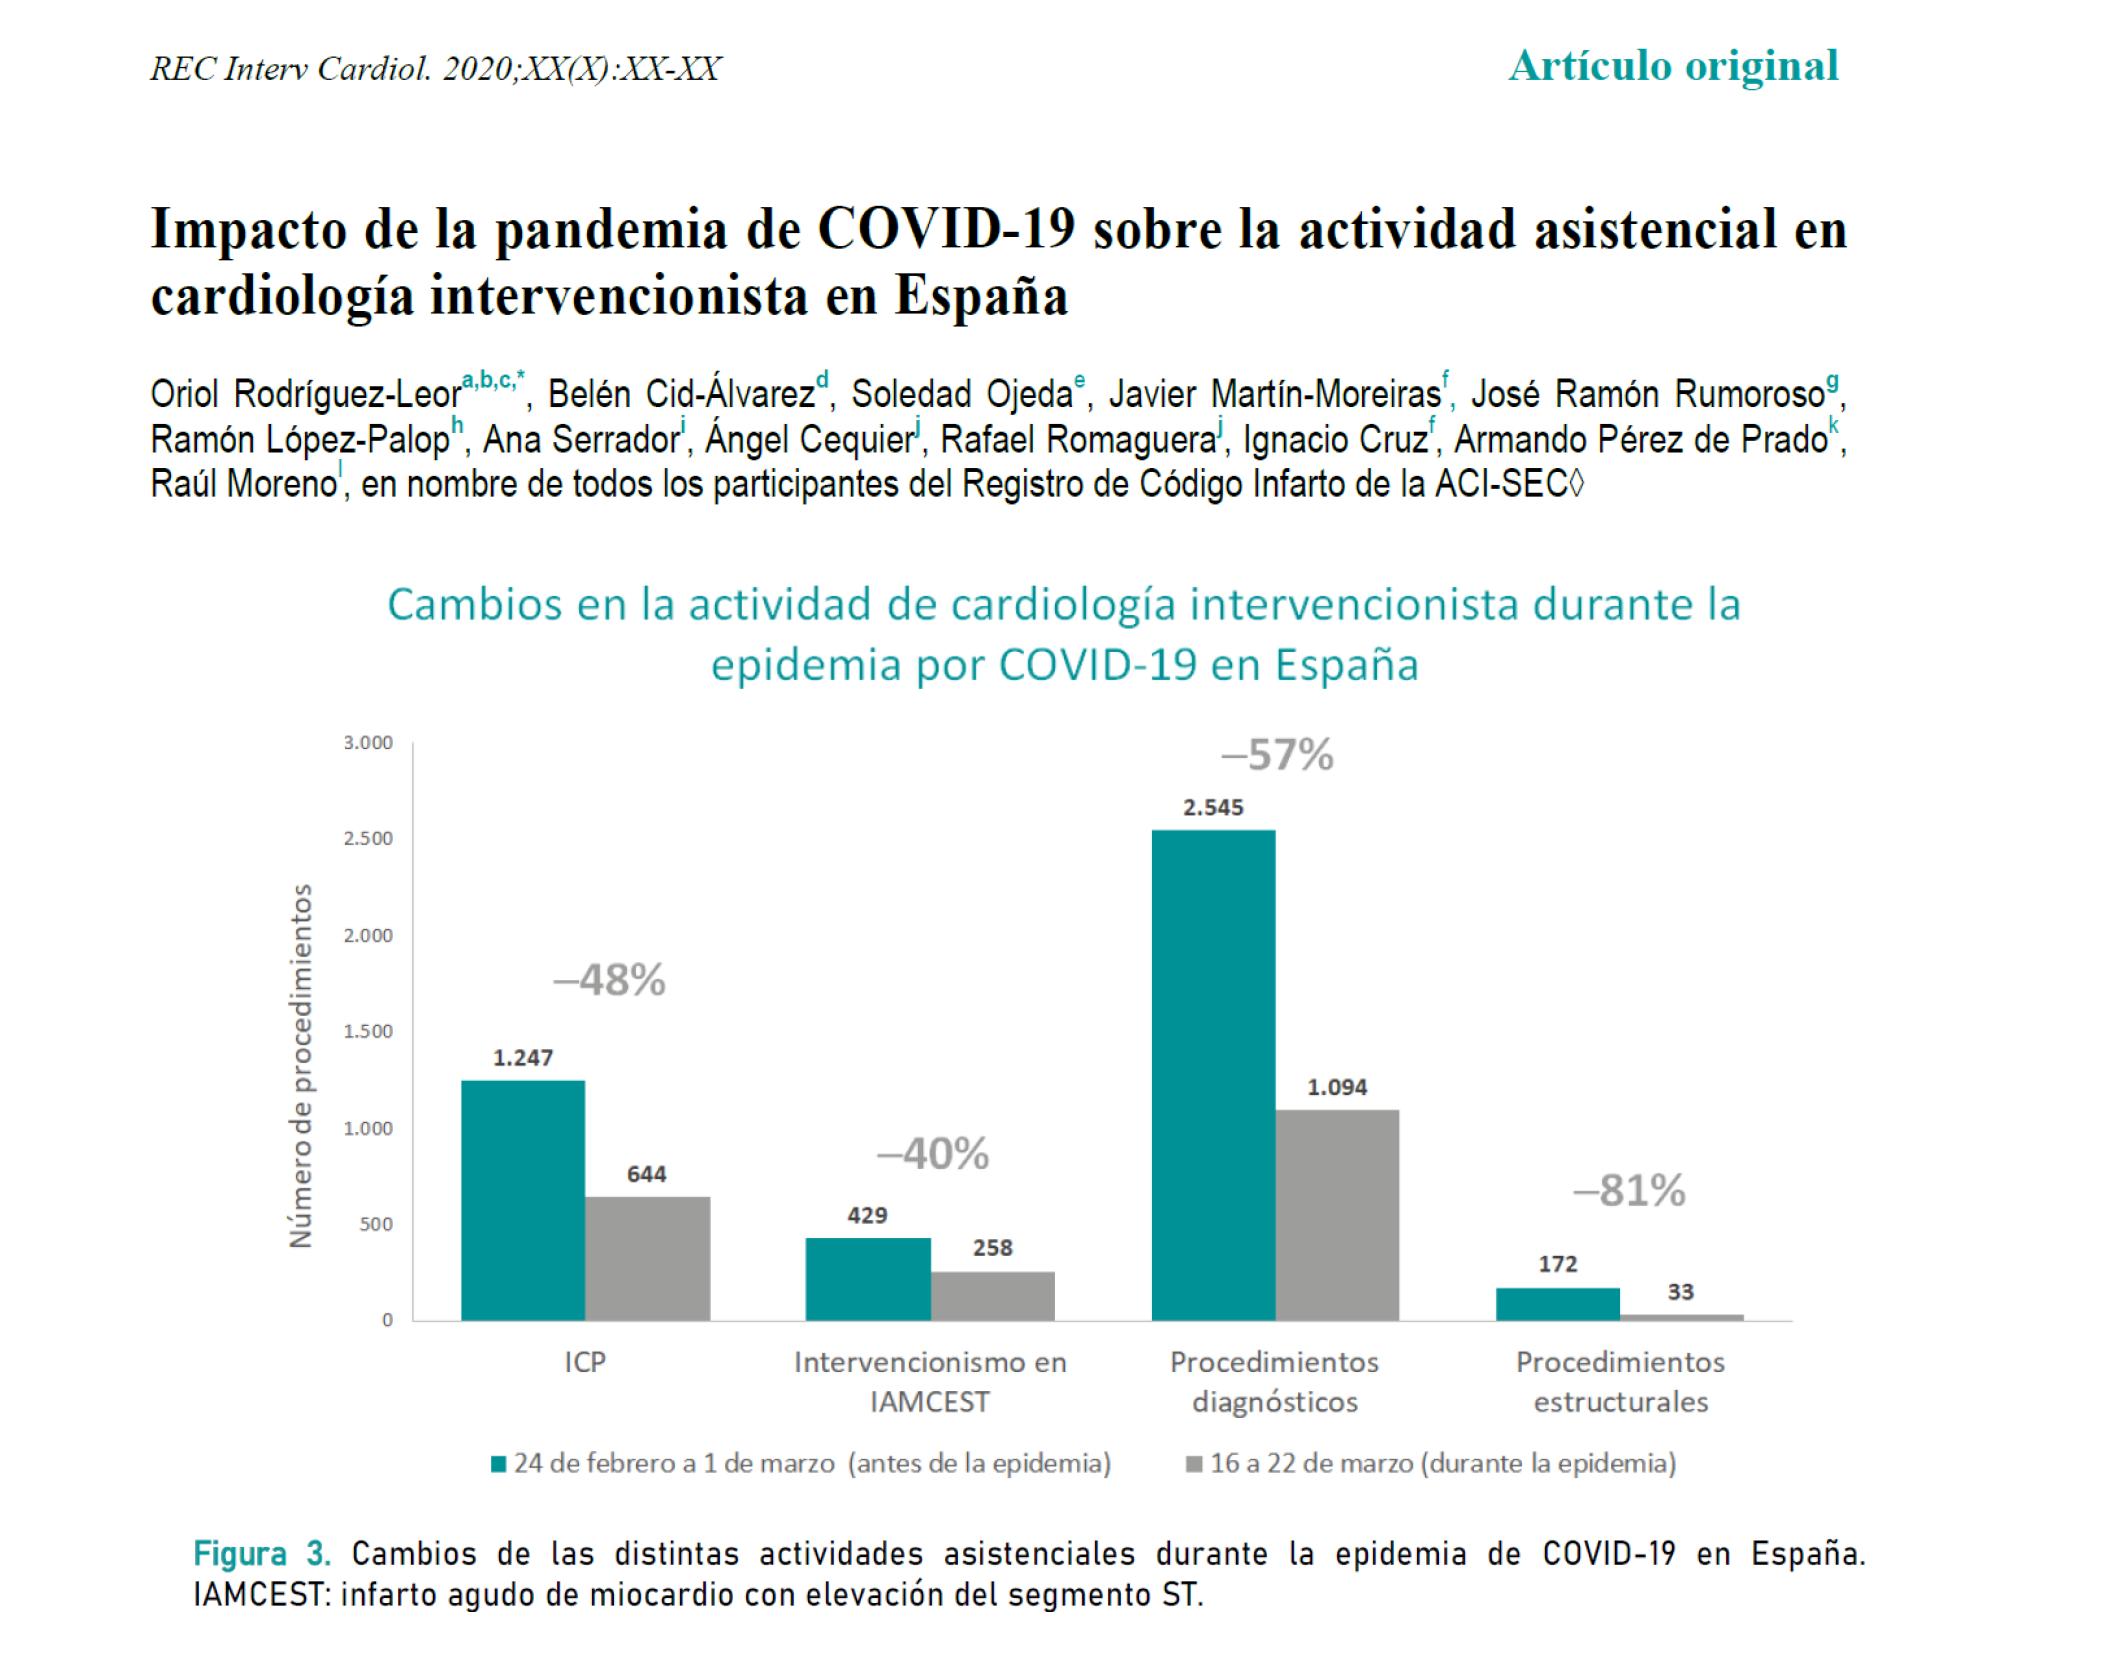 Impacto pandemia COVID19 actividad asistencial cardiologia españa